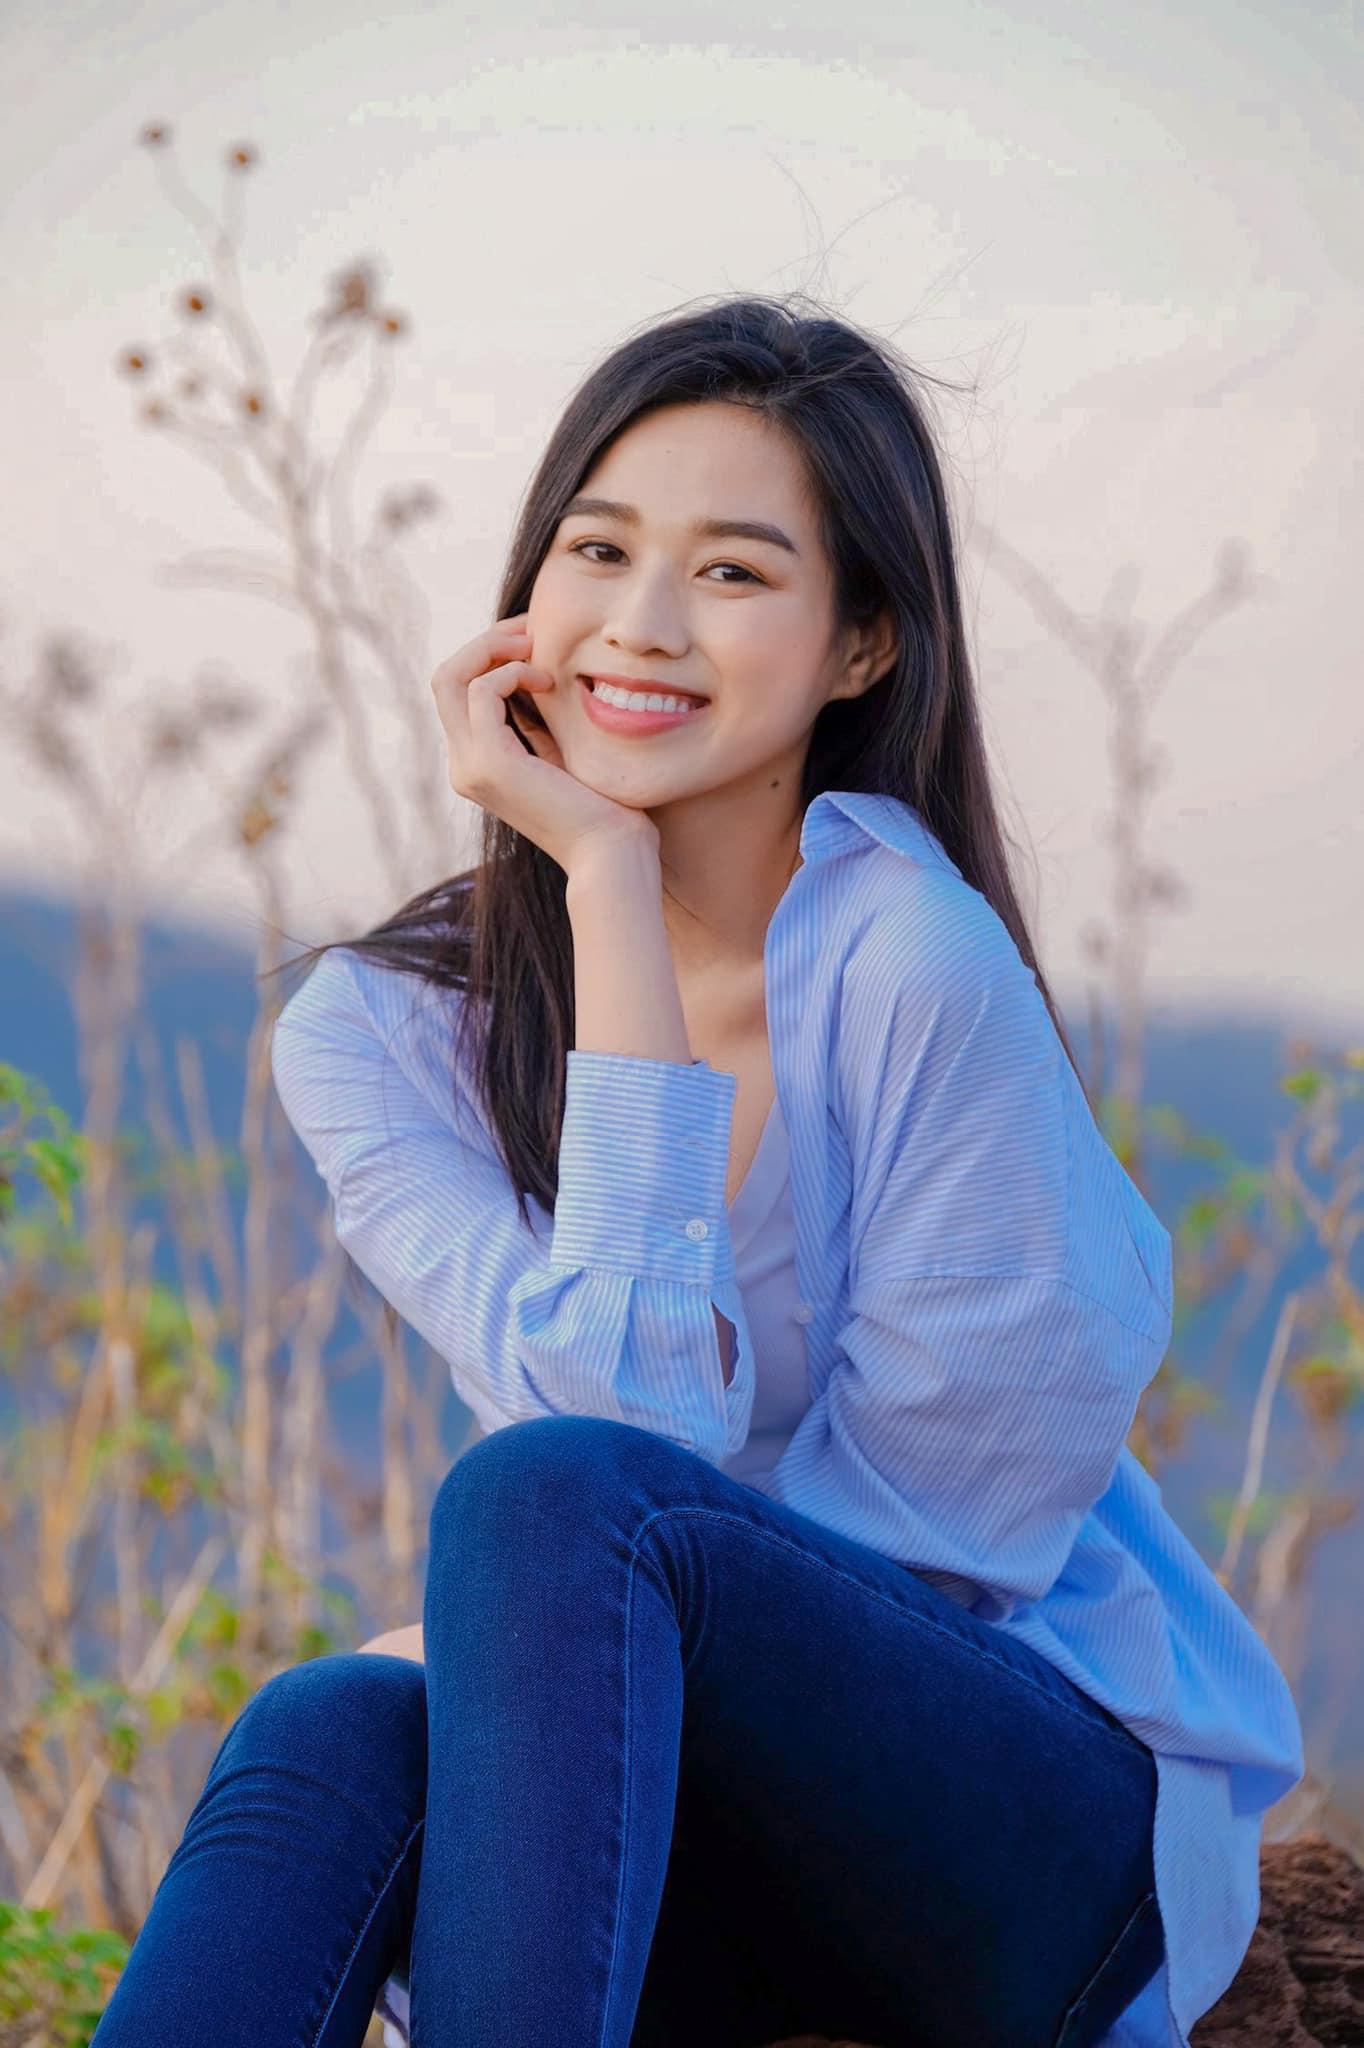 List váy áo Zara sao Việt vừa diện: Toàn món mát mẻ xinh xẻo chị em sắm đi du lịch thì hết nút - ảnh 1